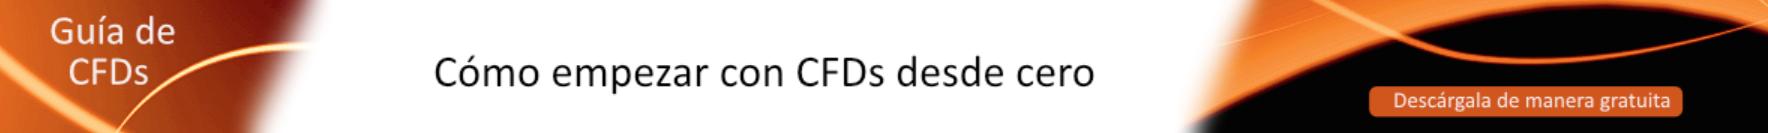 Guia CFDs